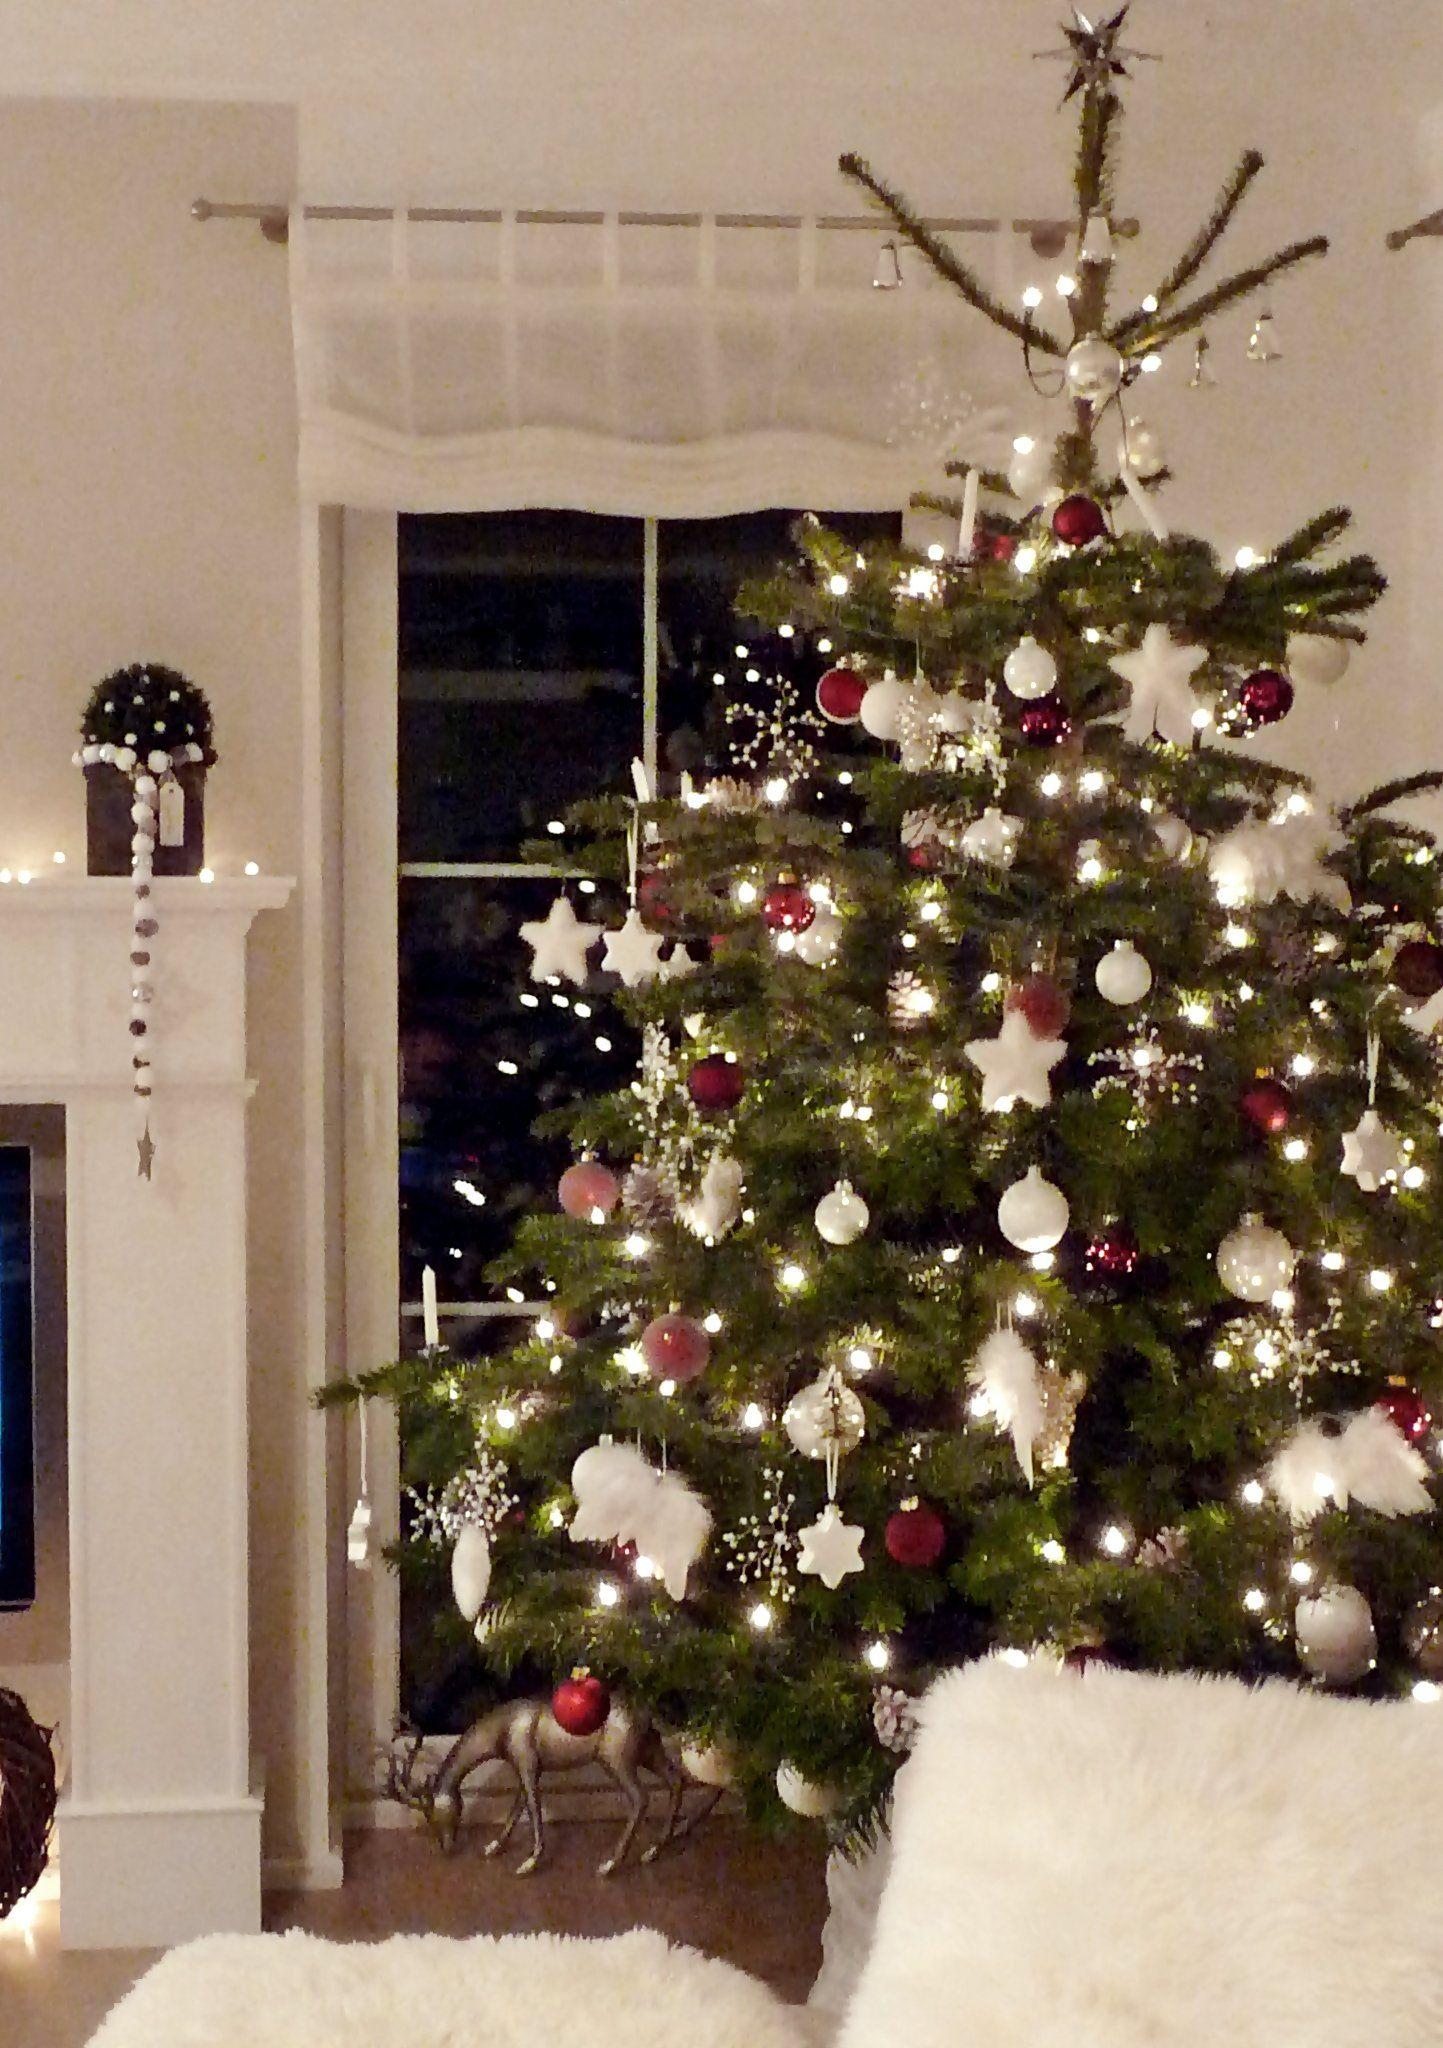 so schnell ging mal wieder weihnachten vorbei v noce weihnachten gem tliche weihnachten. Black Bedroom Furniture Sets. Home Design Ideas